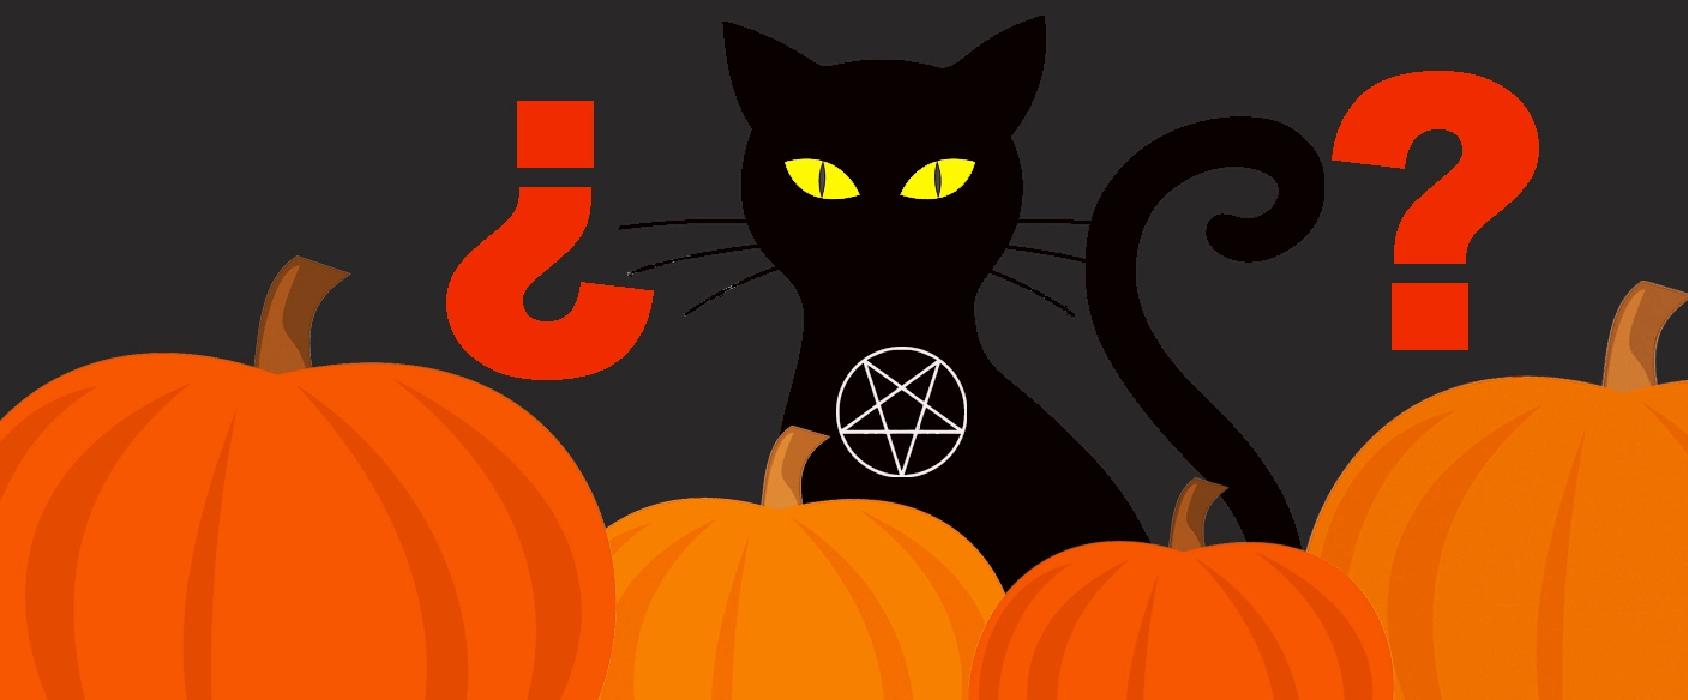 Qué sabemos sobre el mito de que los gatos negros y blancos son usados para  ritos satánicos en Halloween? - Maldita.es